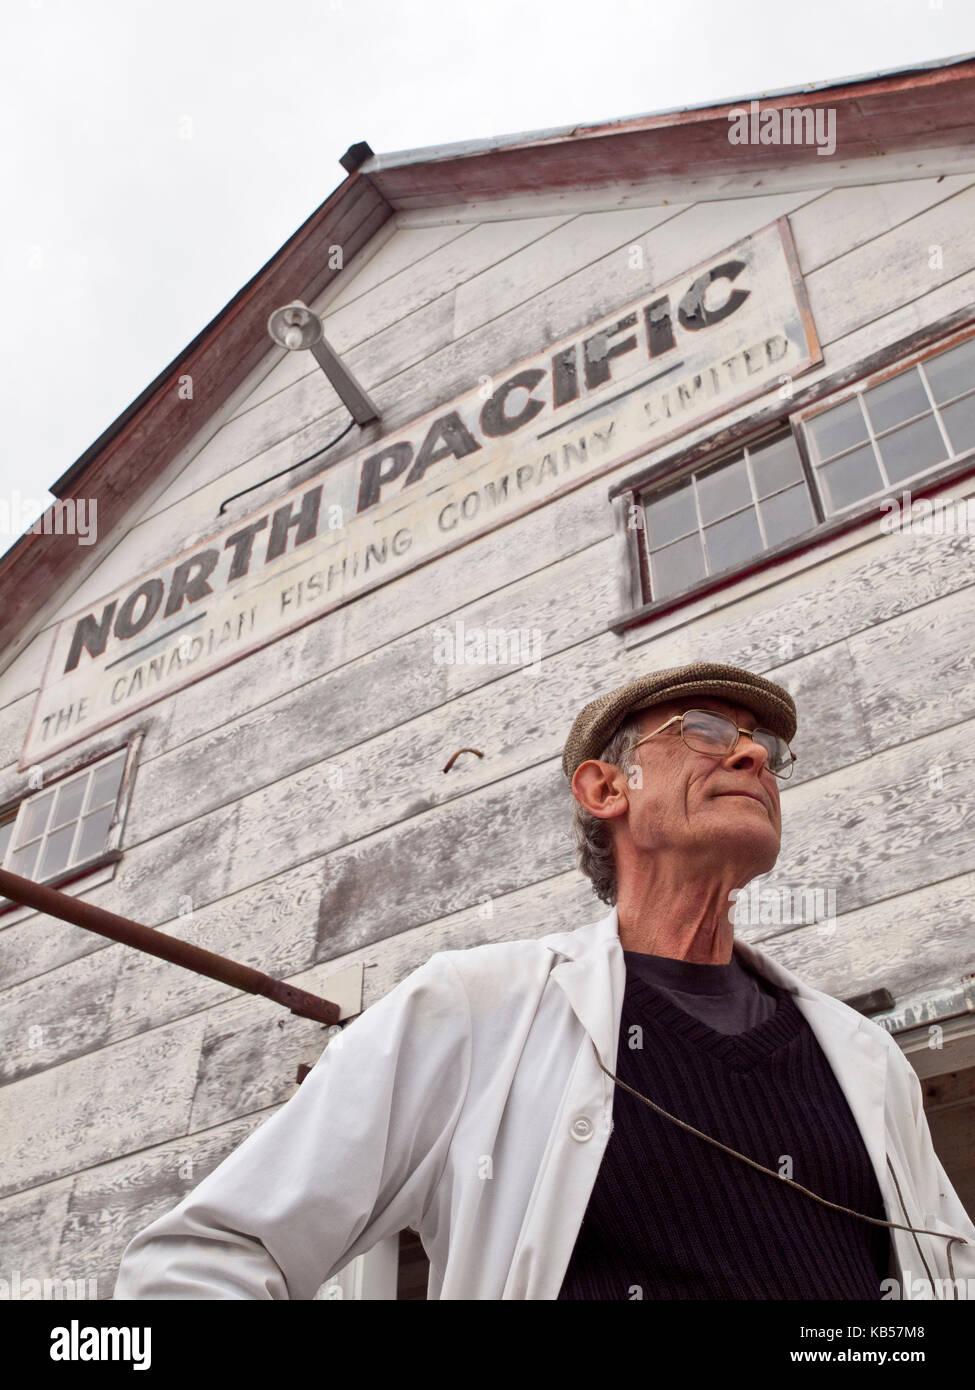 Guida in corrispondenza del Nord Pacifico cannery Immagini Stock